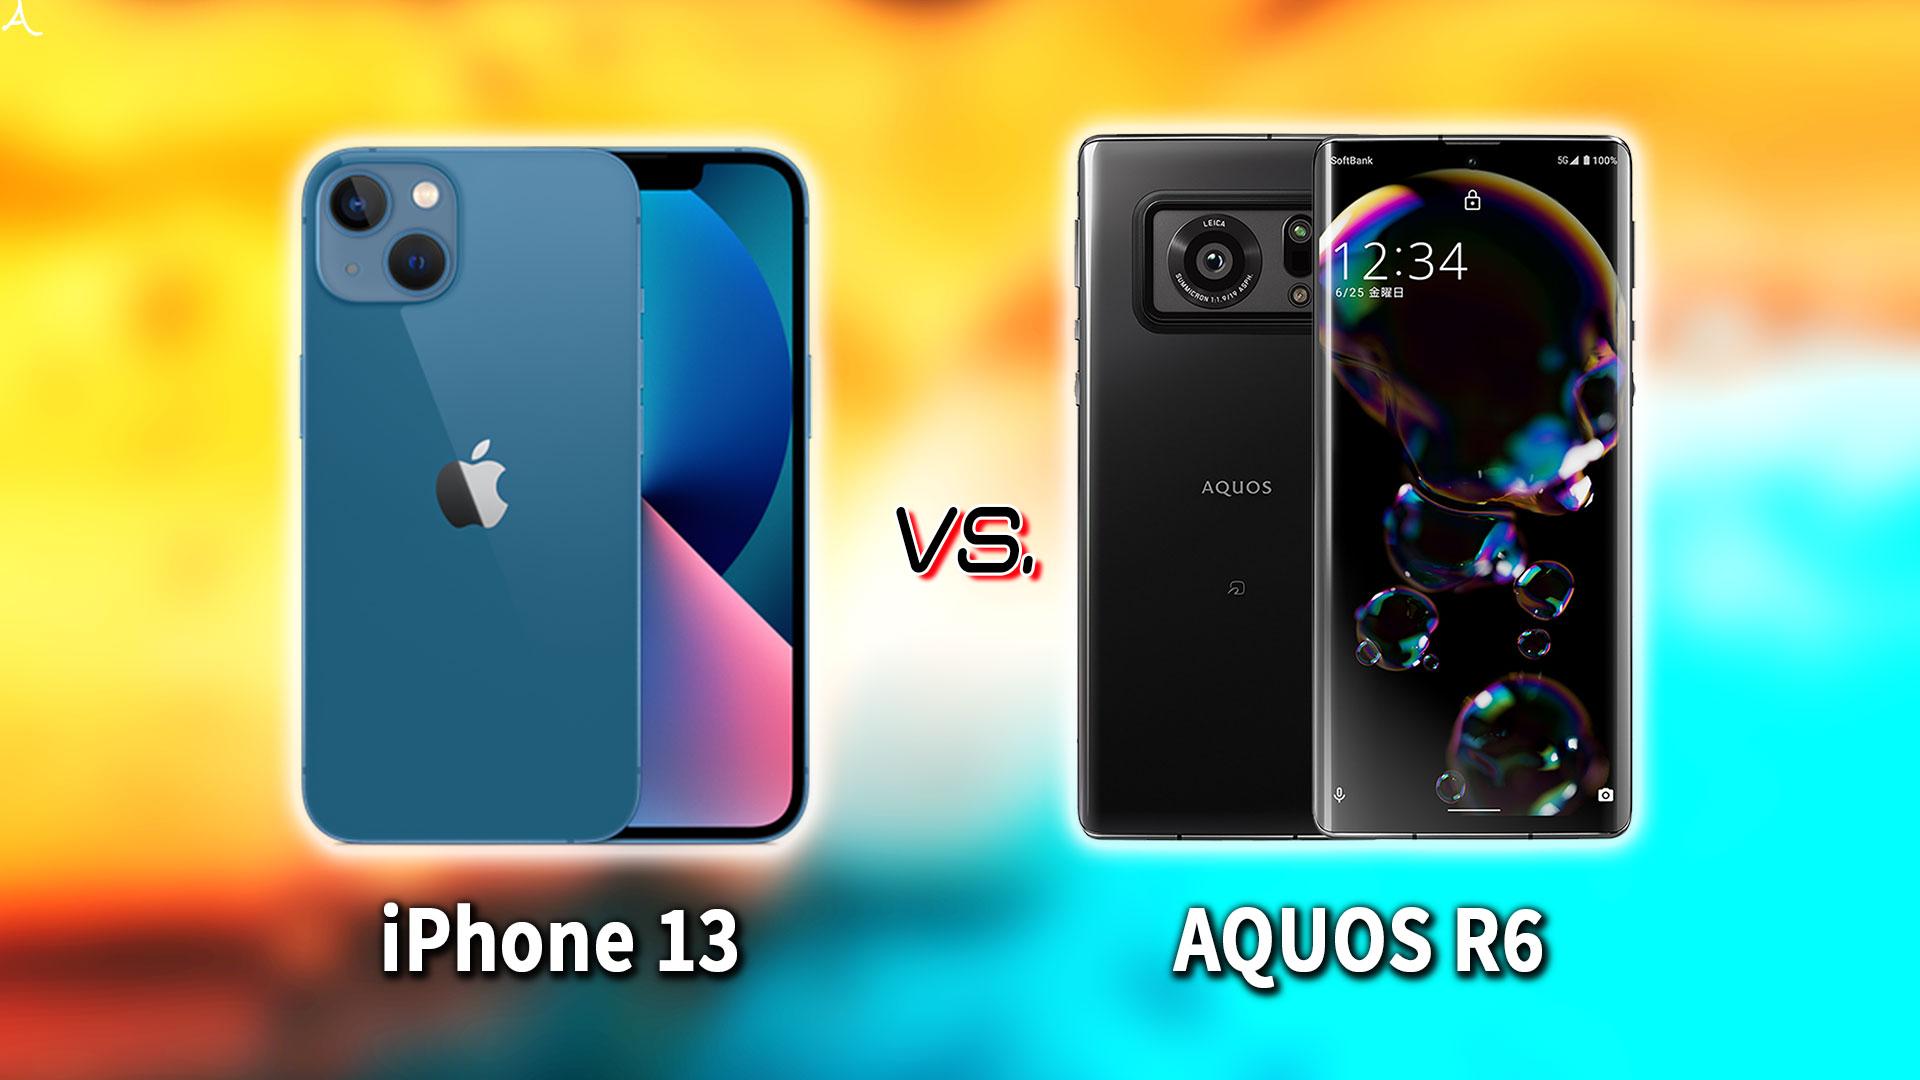 「iPhone 13」と「AQUOS R6」の違いを比較:どっちを買う?